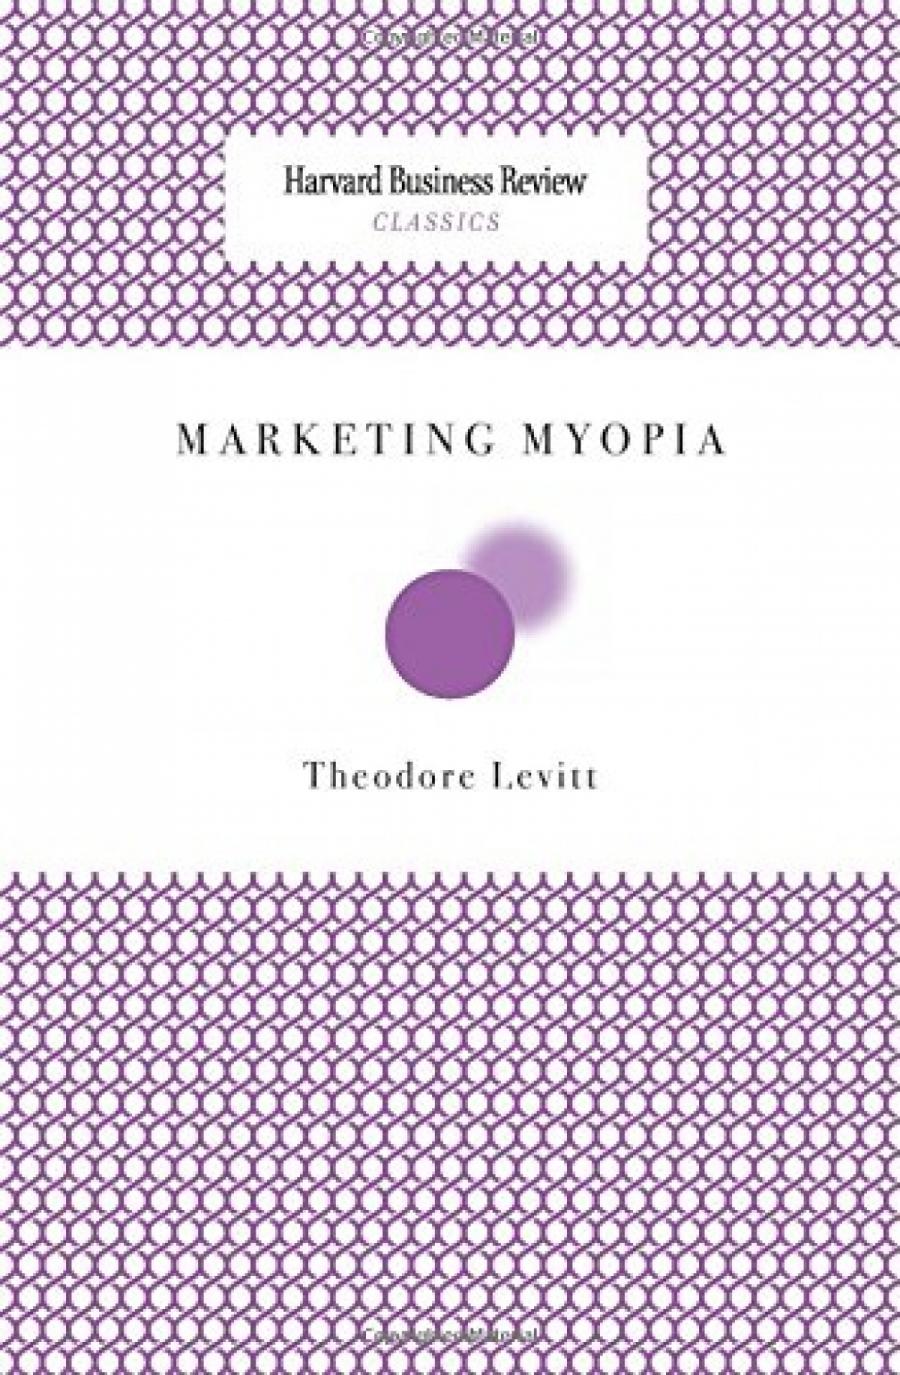 Обложка книги:  теодор левитт - маркетинговая близорукость